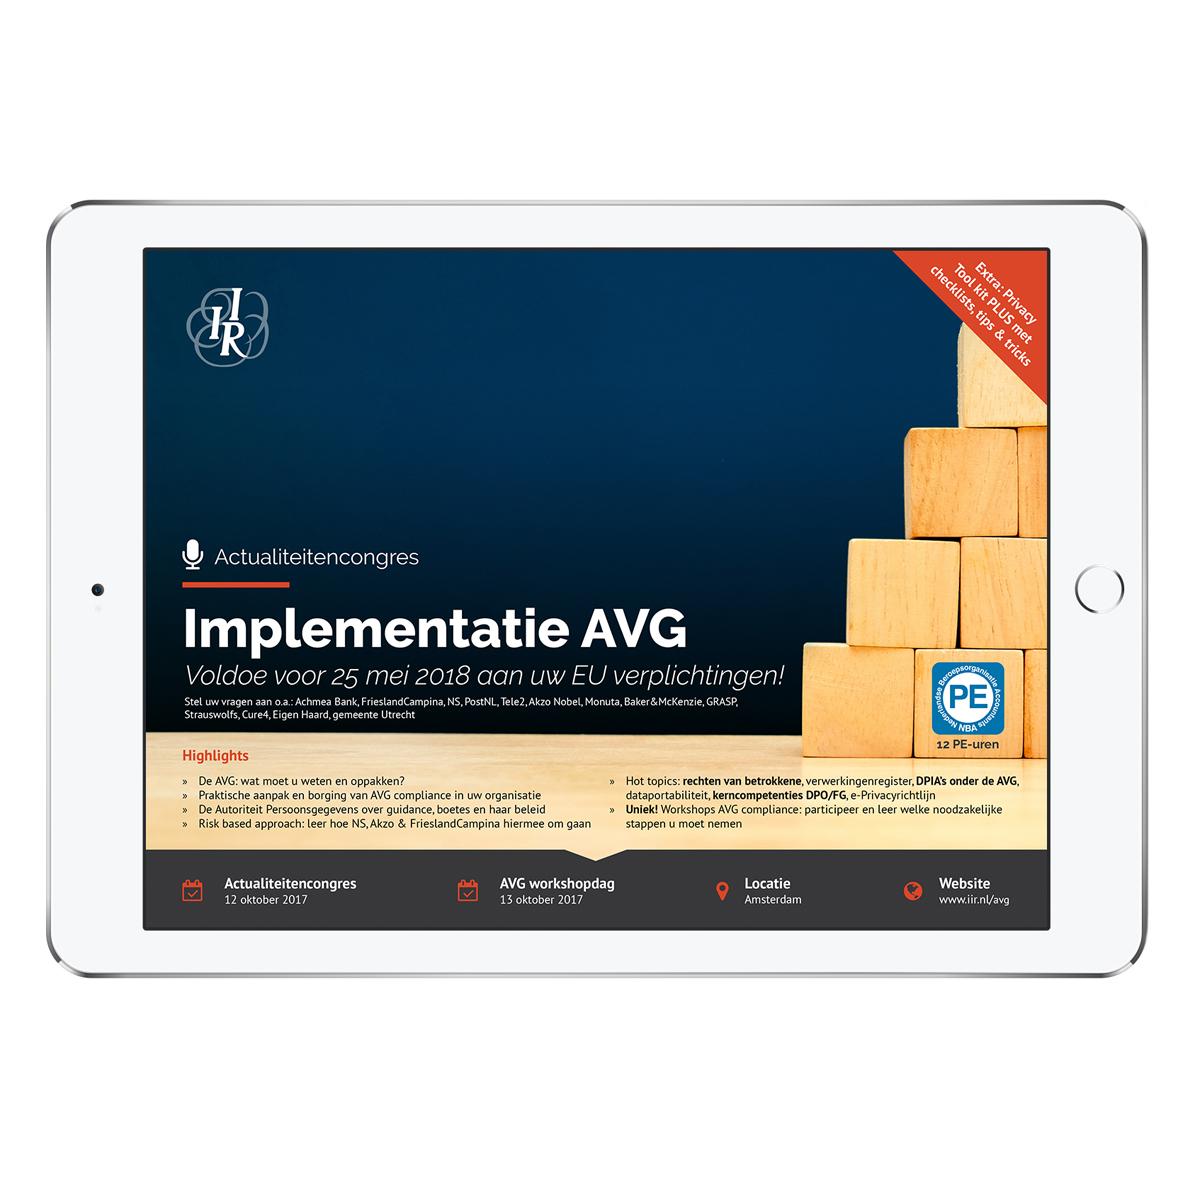 AVG Digitale brochure